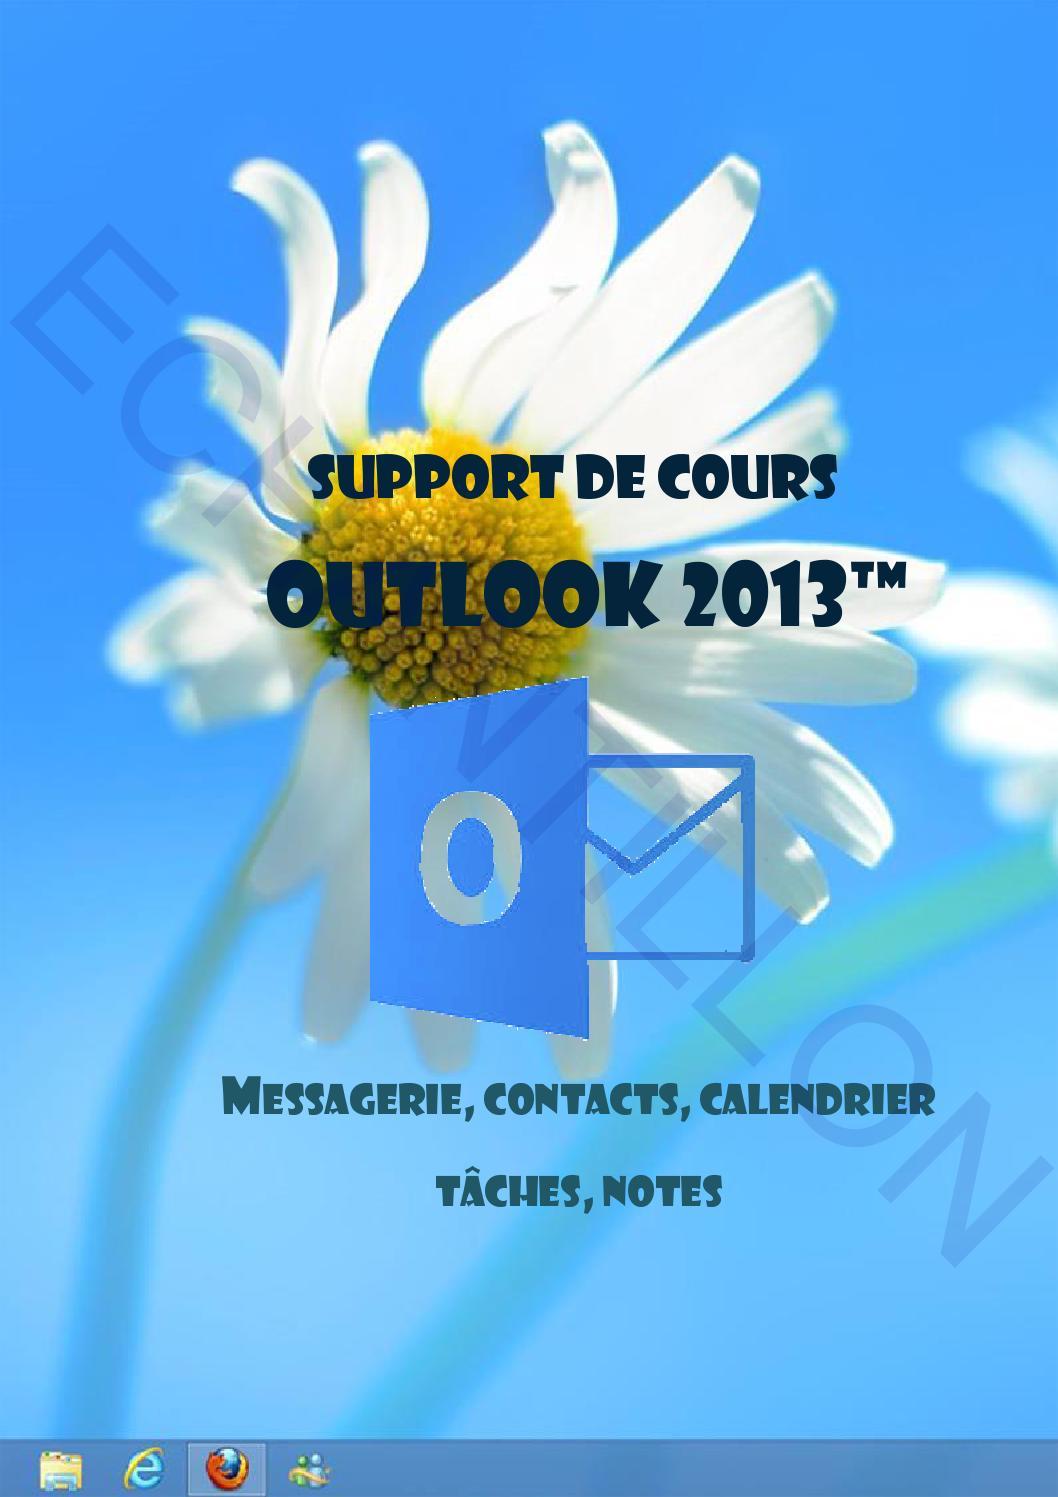 telecharger outlook 2013 gratuit pour windows 8